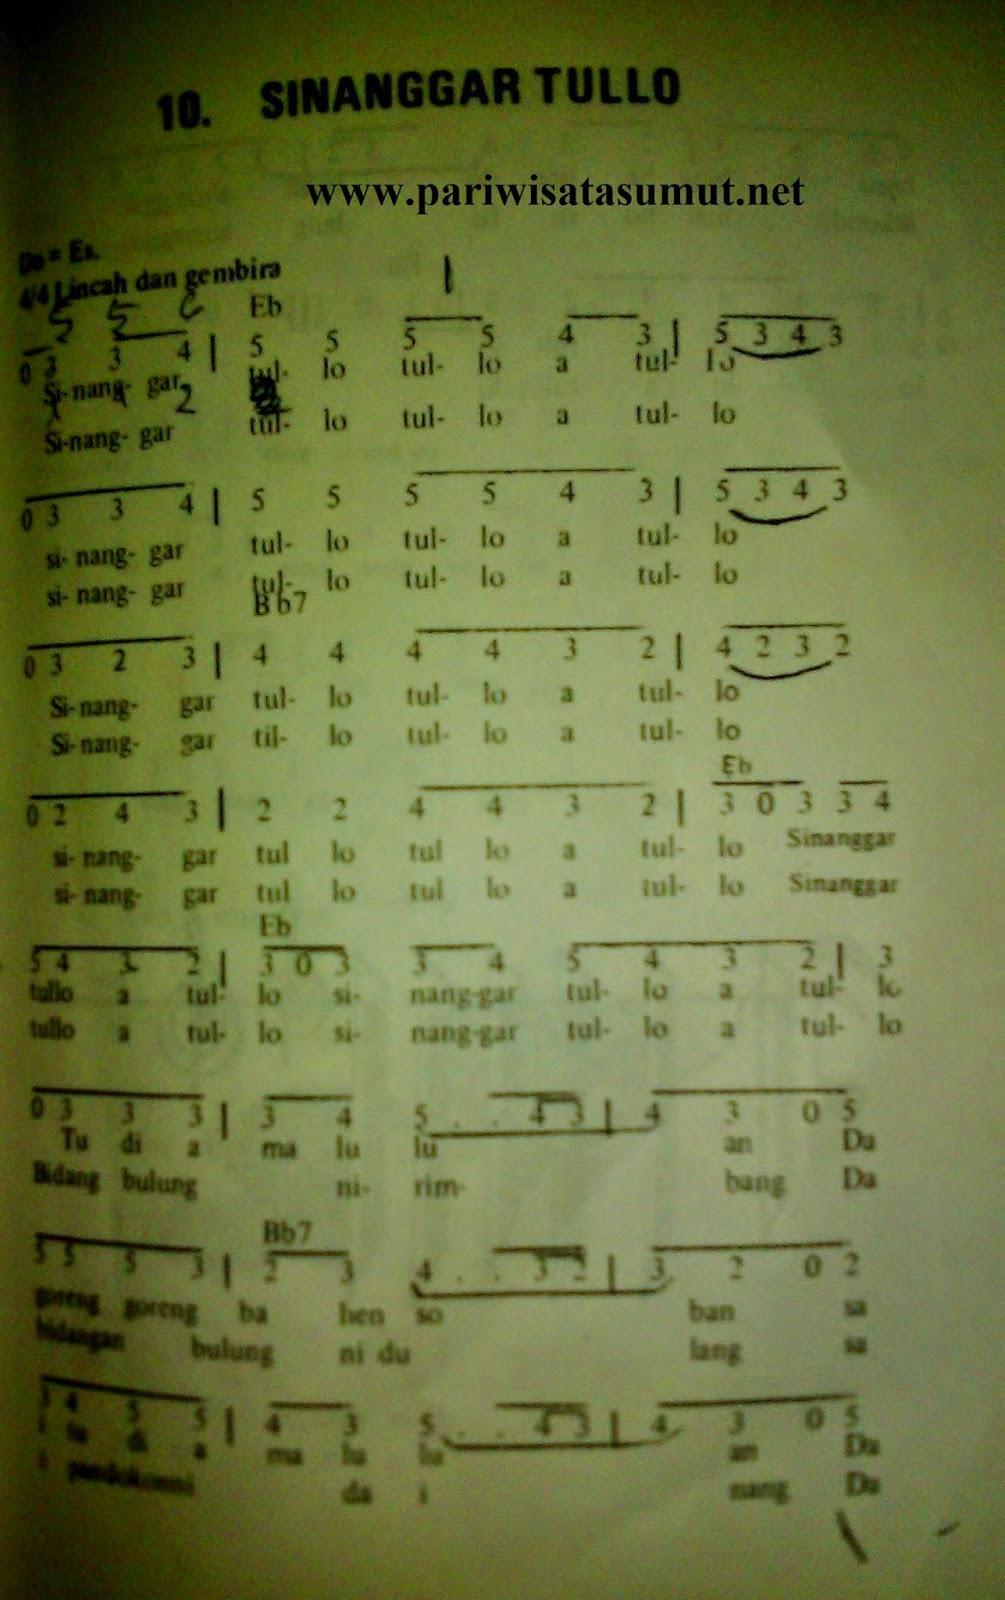 Lirik Sinanggar Tulo : lirik, sinanggar, Batak, Sinanggar, Tullo, Maknanya, Pariwisata, Sumut